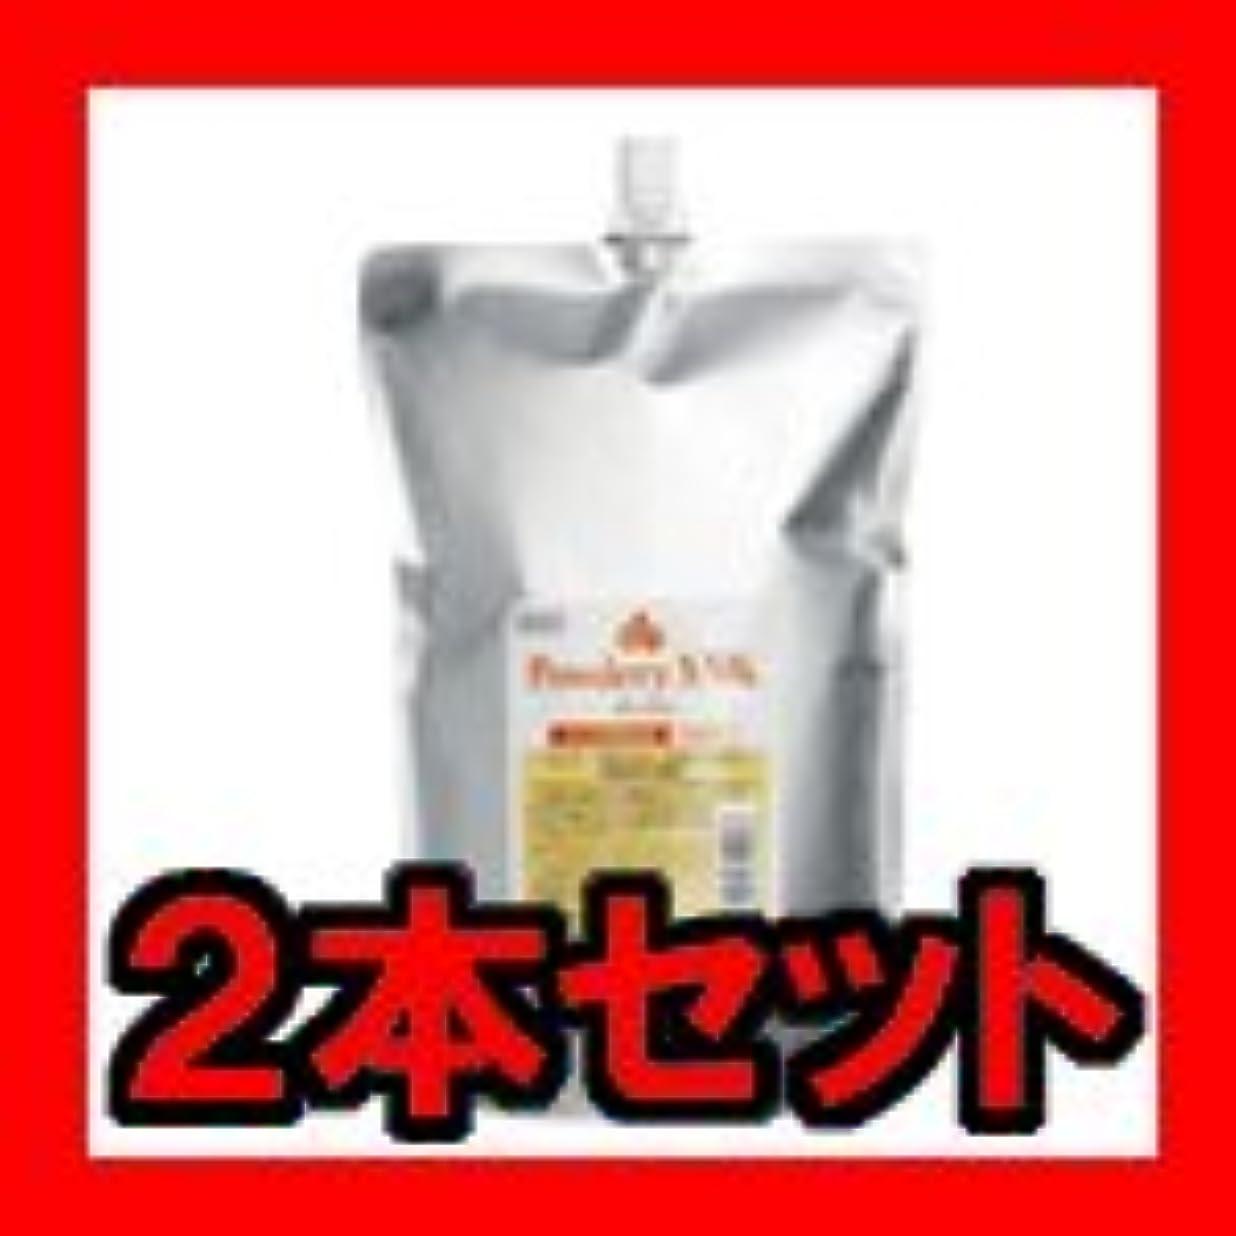 珍しい苦痛ディプロマクラシエ スキニッシュ パウダリーミルク 1000ml ×2本セット